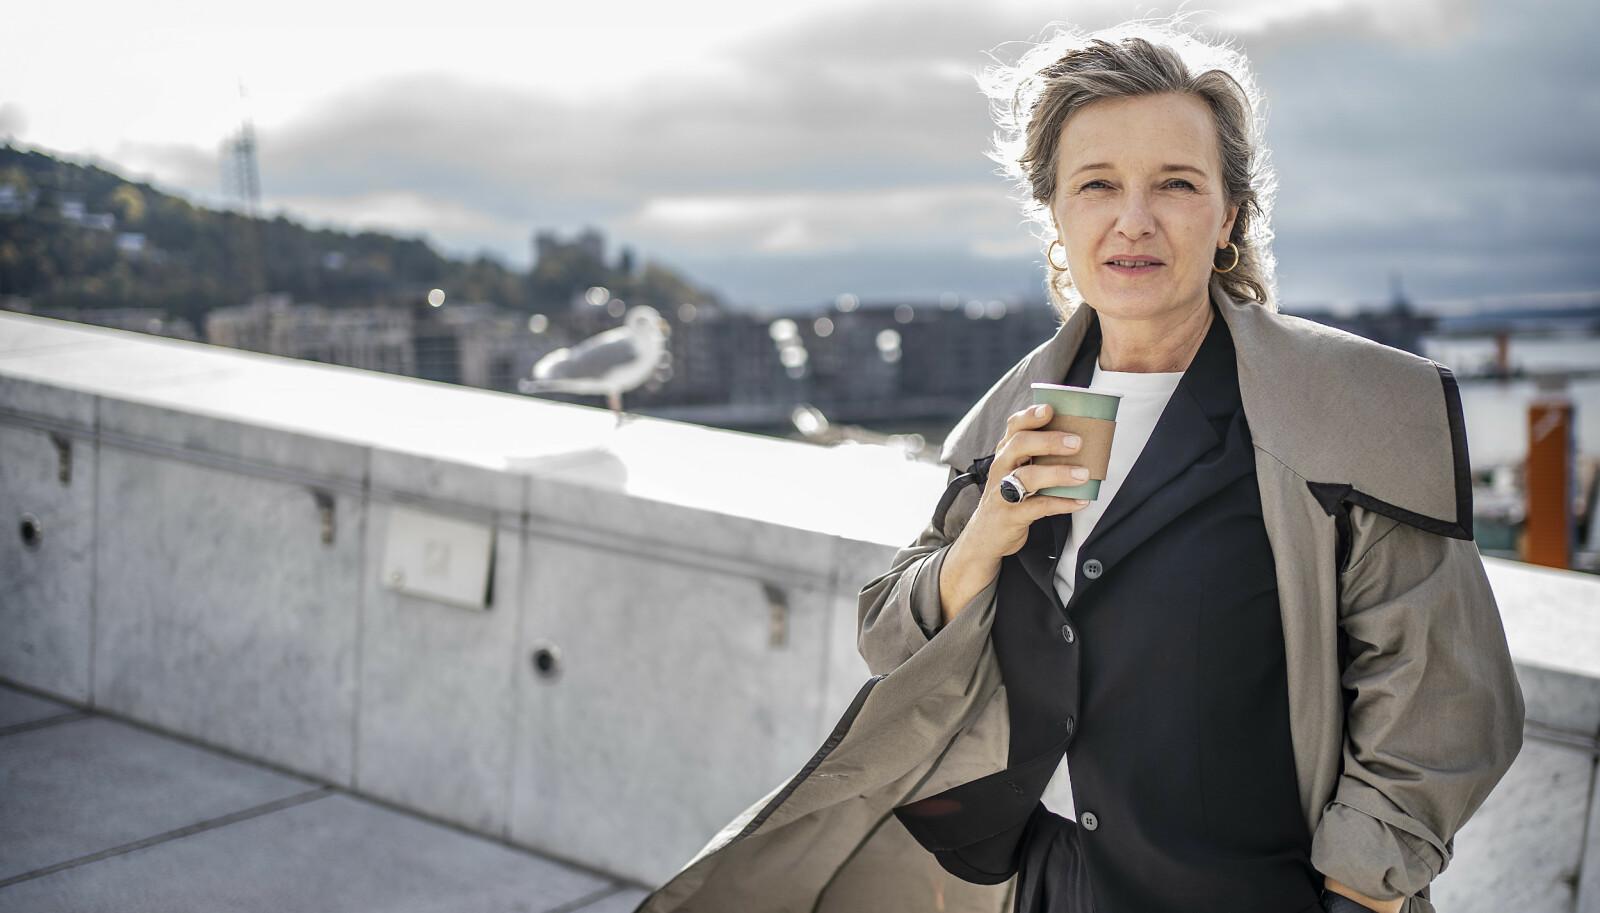 Behandlingspause i 2020: – Jeg er overrasket over hvor langt bort det går an å pakke noe så dramatisk som kreft, sier Ingrid Bjørnov.  Foto: Hans Arne Vedlog / Dagbladet